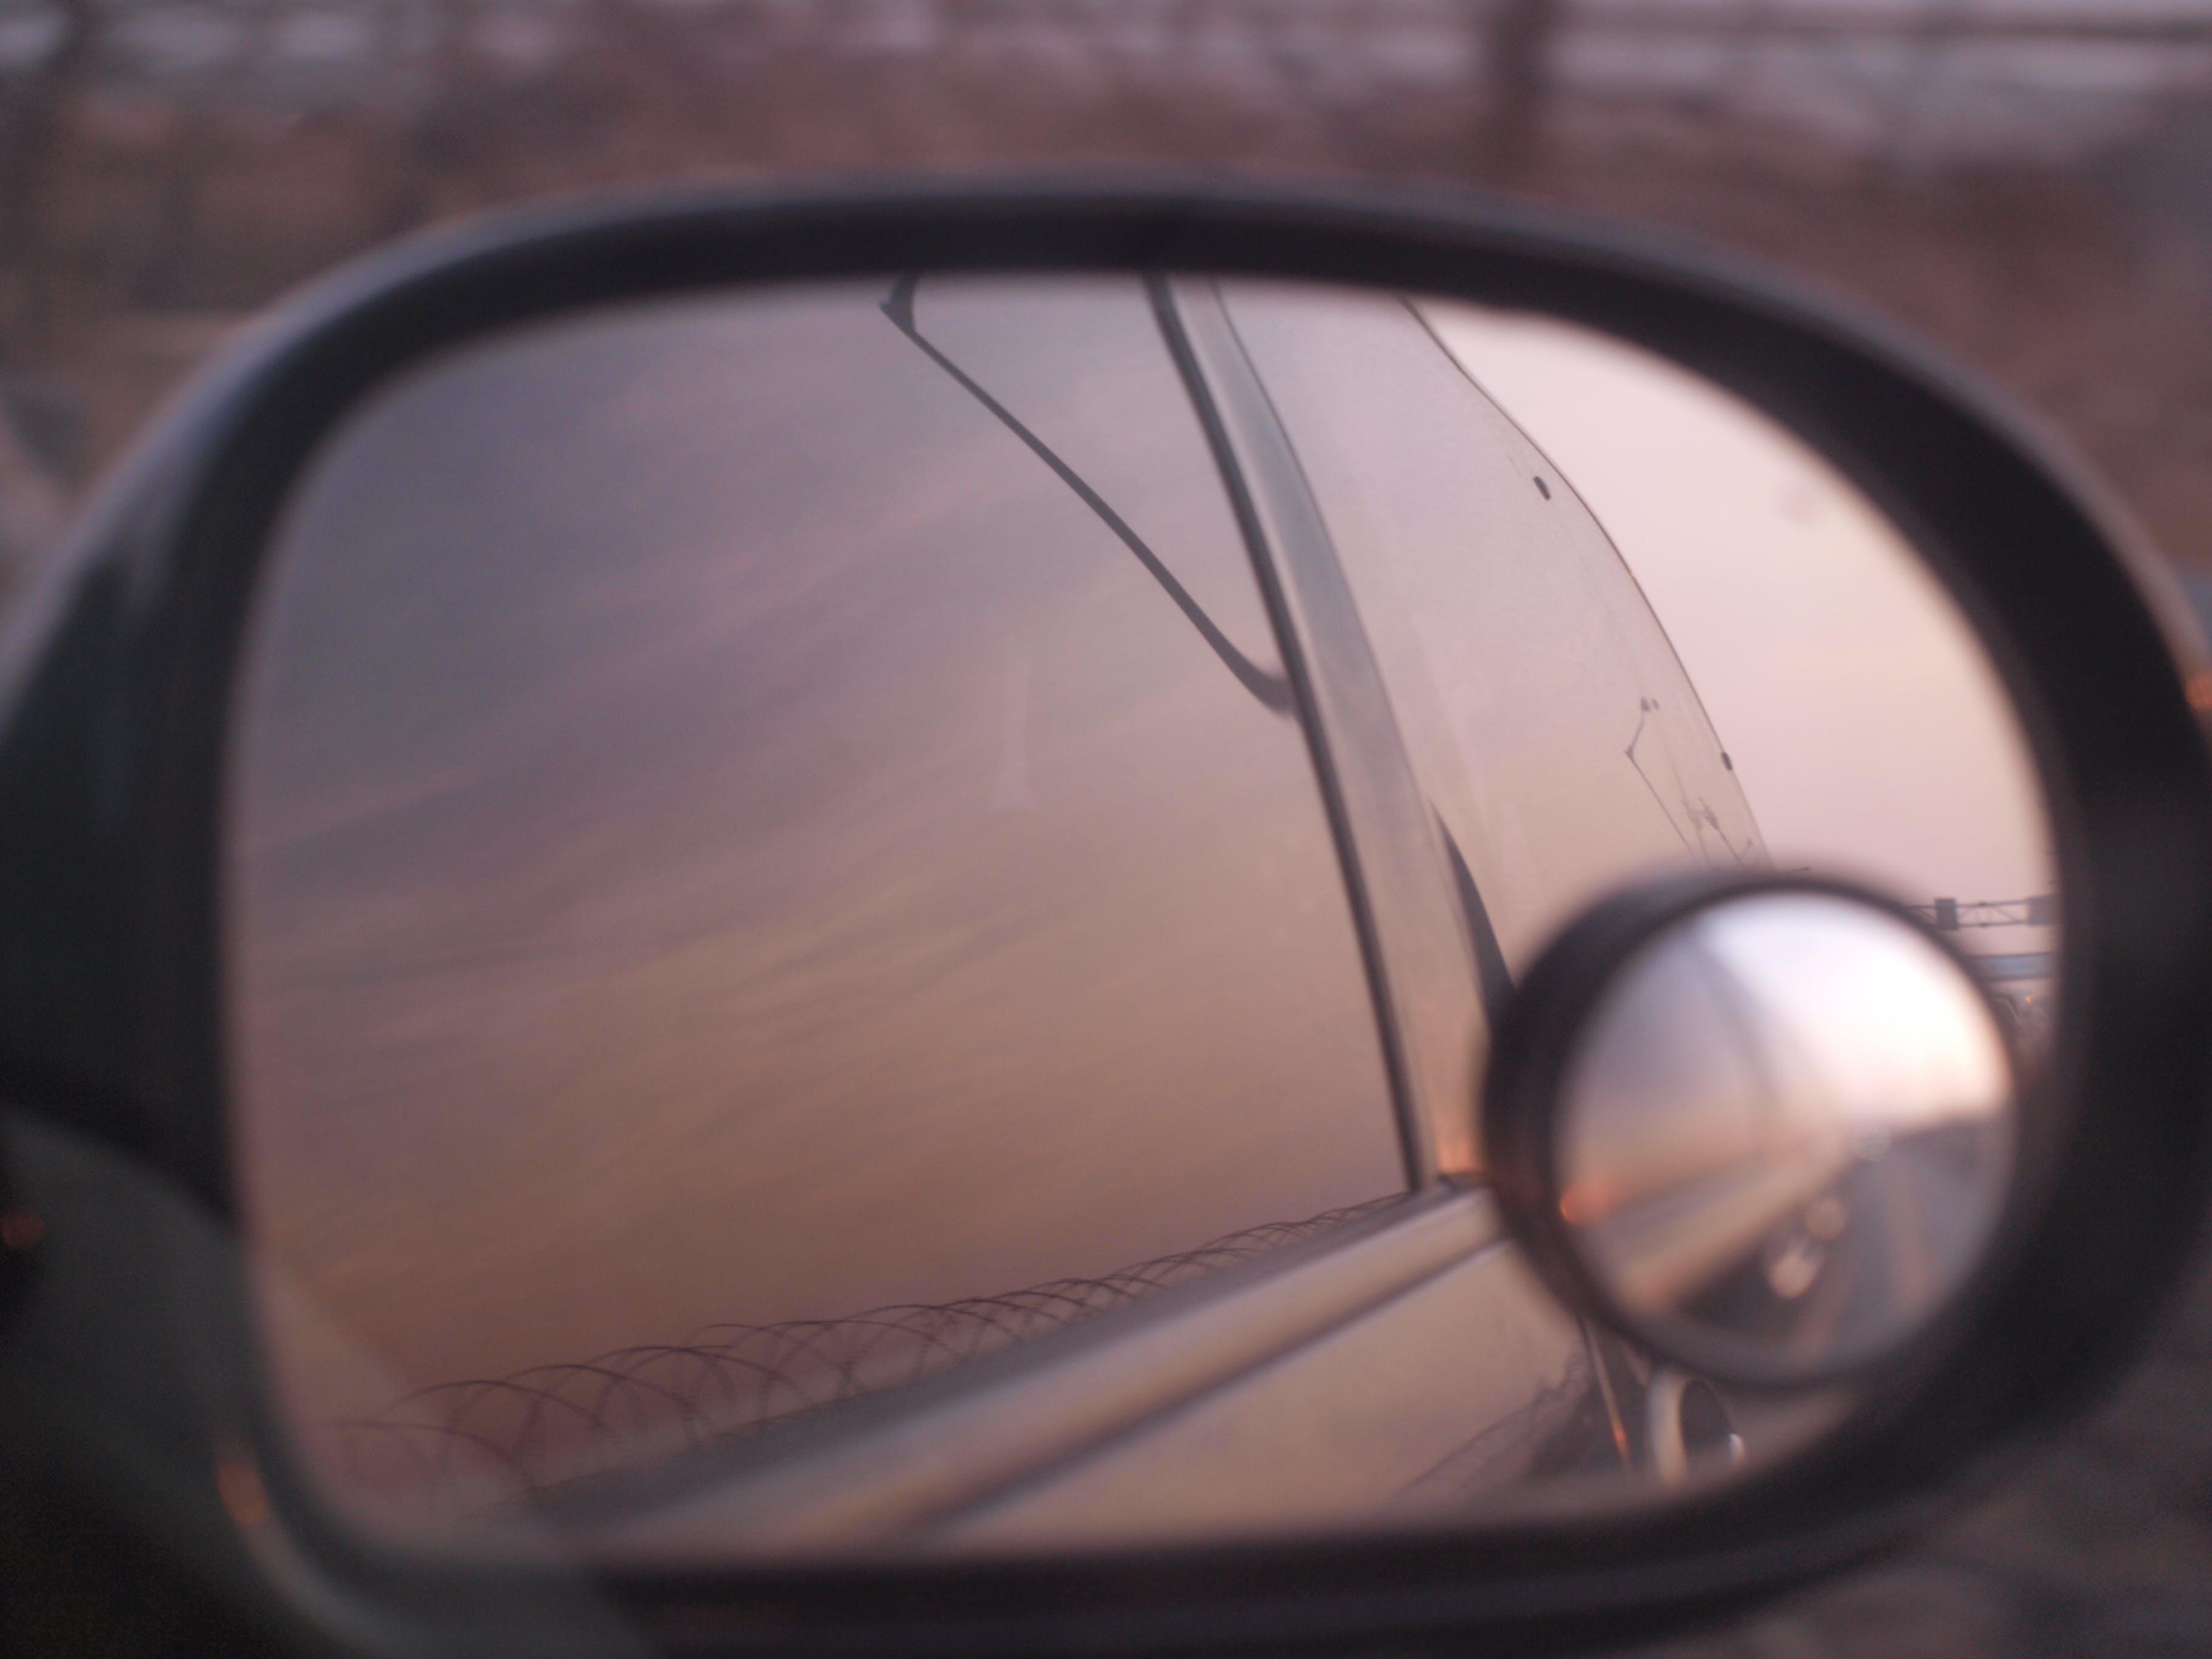 Gratis lagerfoto af bakspejl, spejl